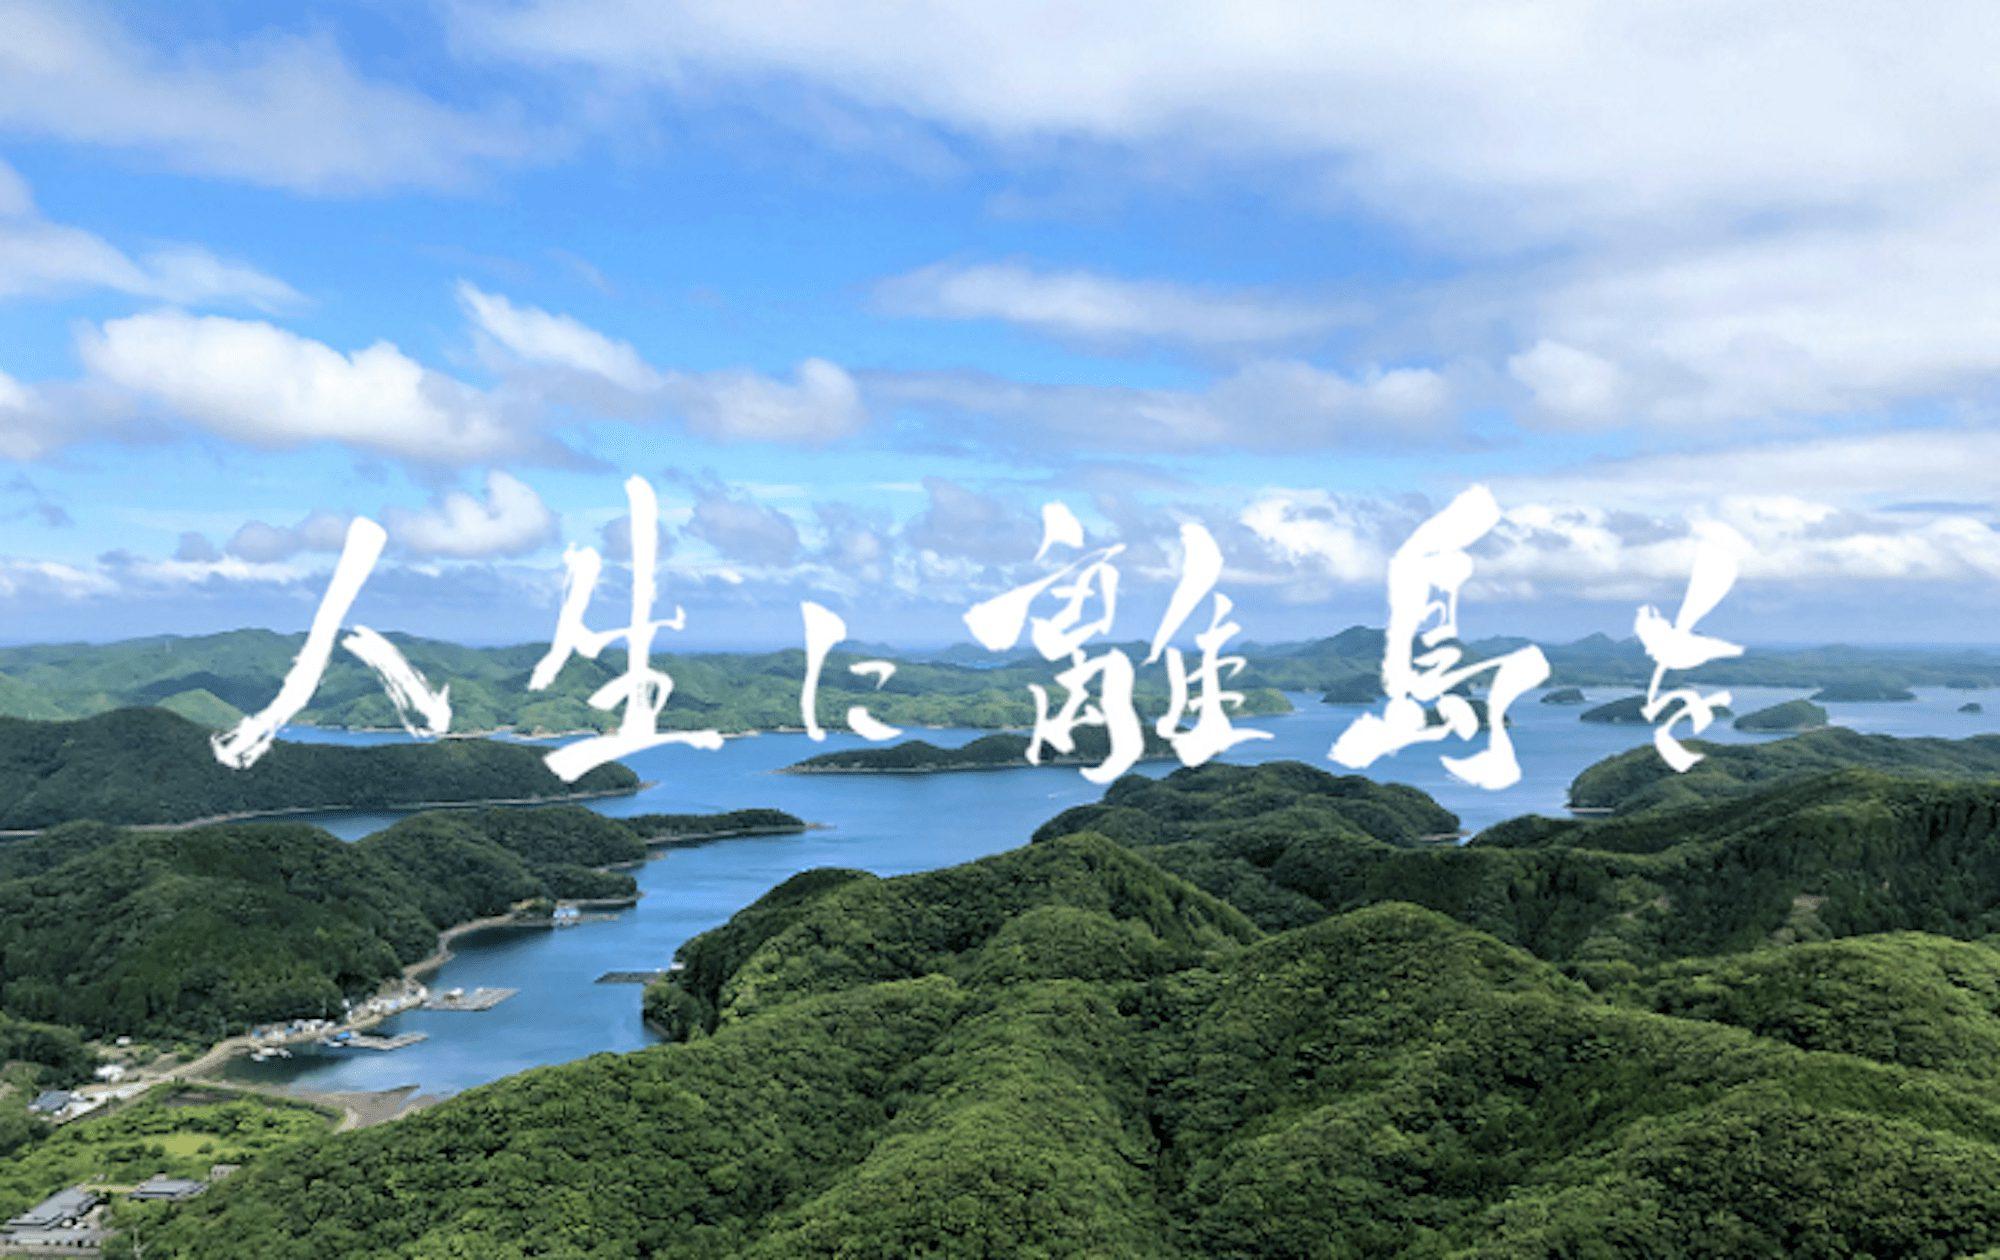 【対馬や全国でスタッフ募集】日本の島を駆けめぐり、島と人を支えるアイランデクスの仕事 - 離島経済新聞